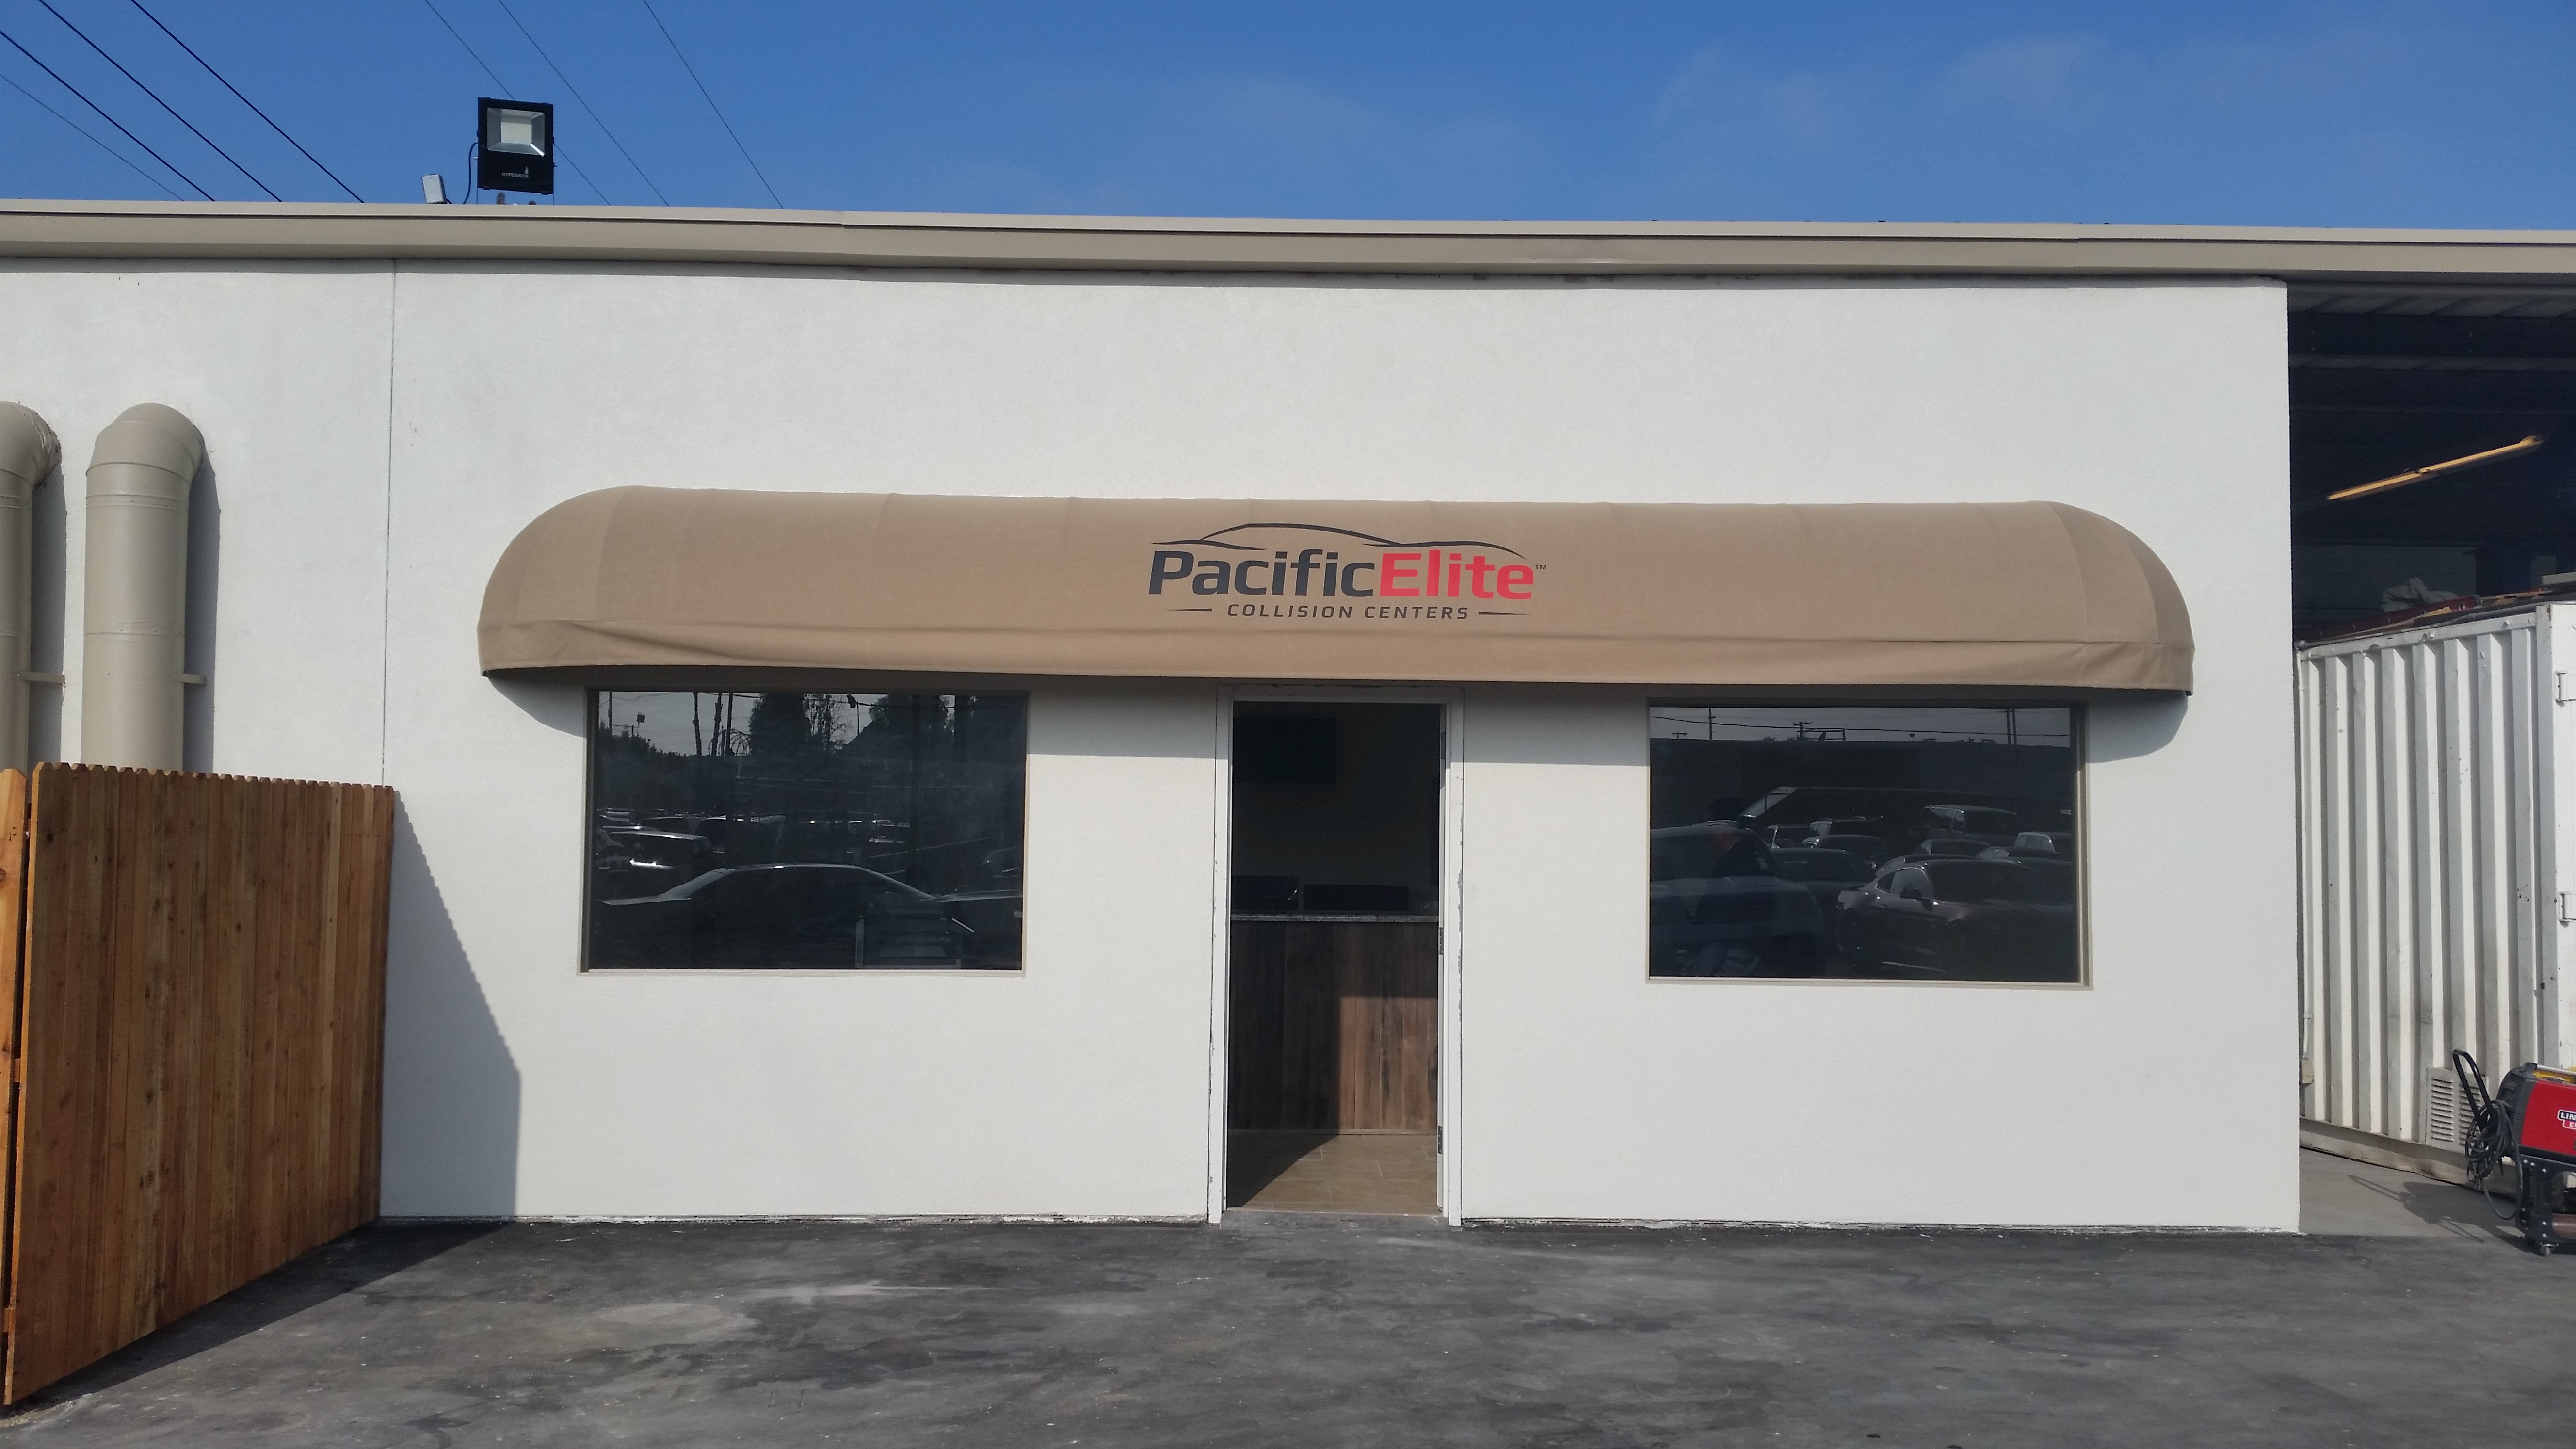 Pacific Elite Collision Centers - Williamson image 0